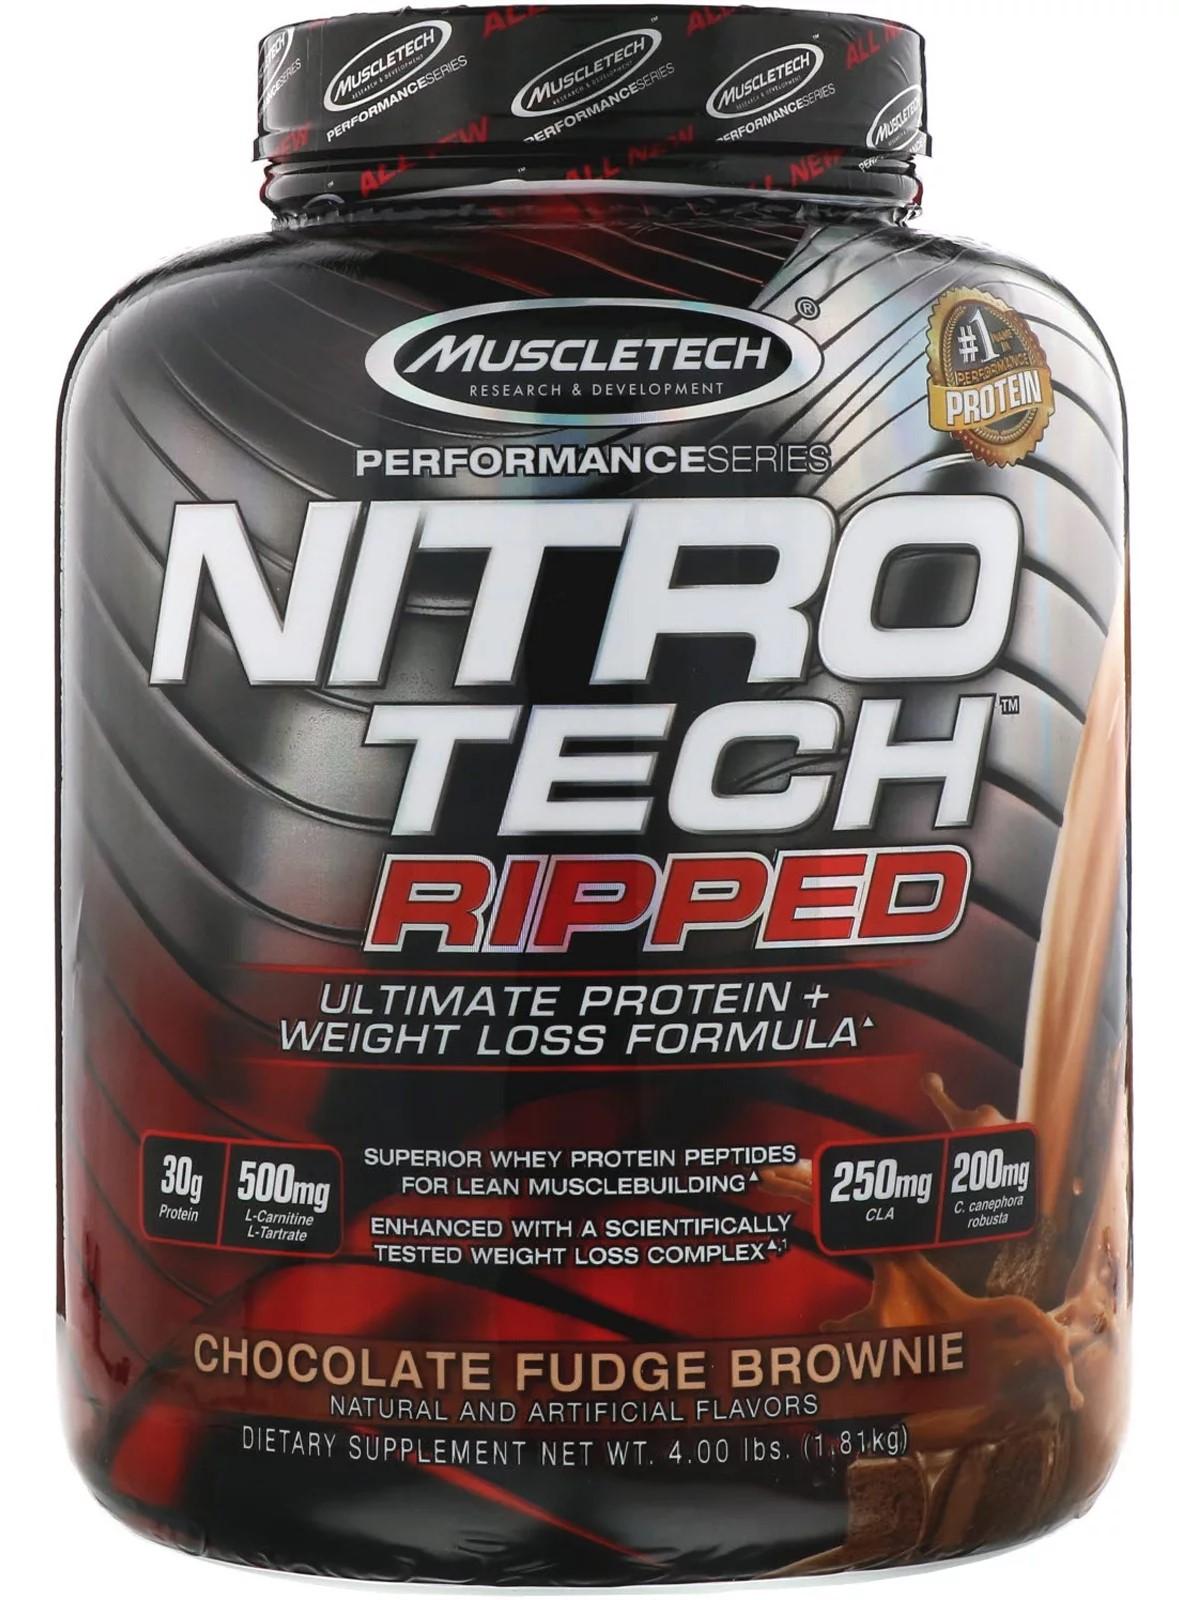 Nitro-Tech Ripped, Chocolate Fudge Brownie - 1810g versandkostenfrei/portofrei bestellen/kaufen